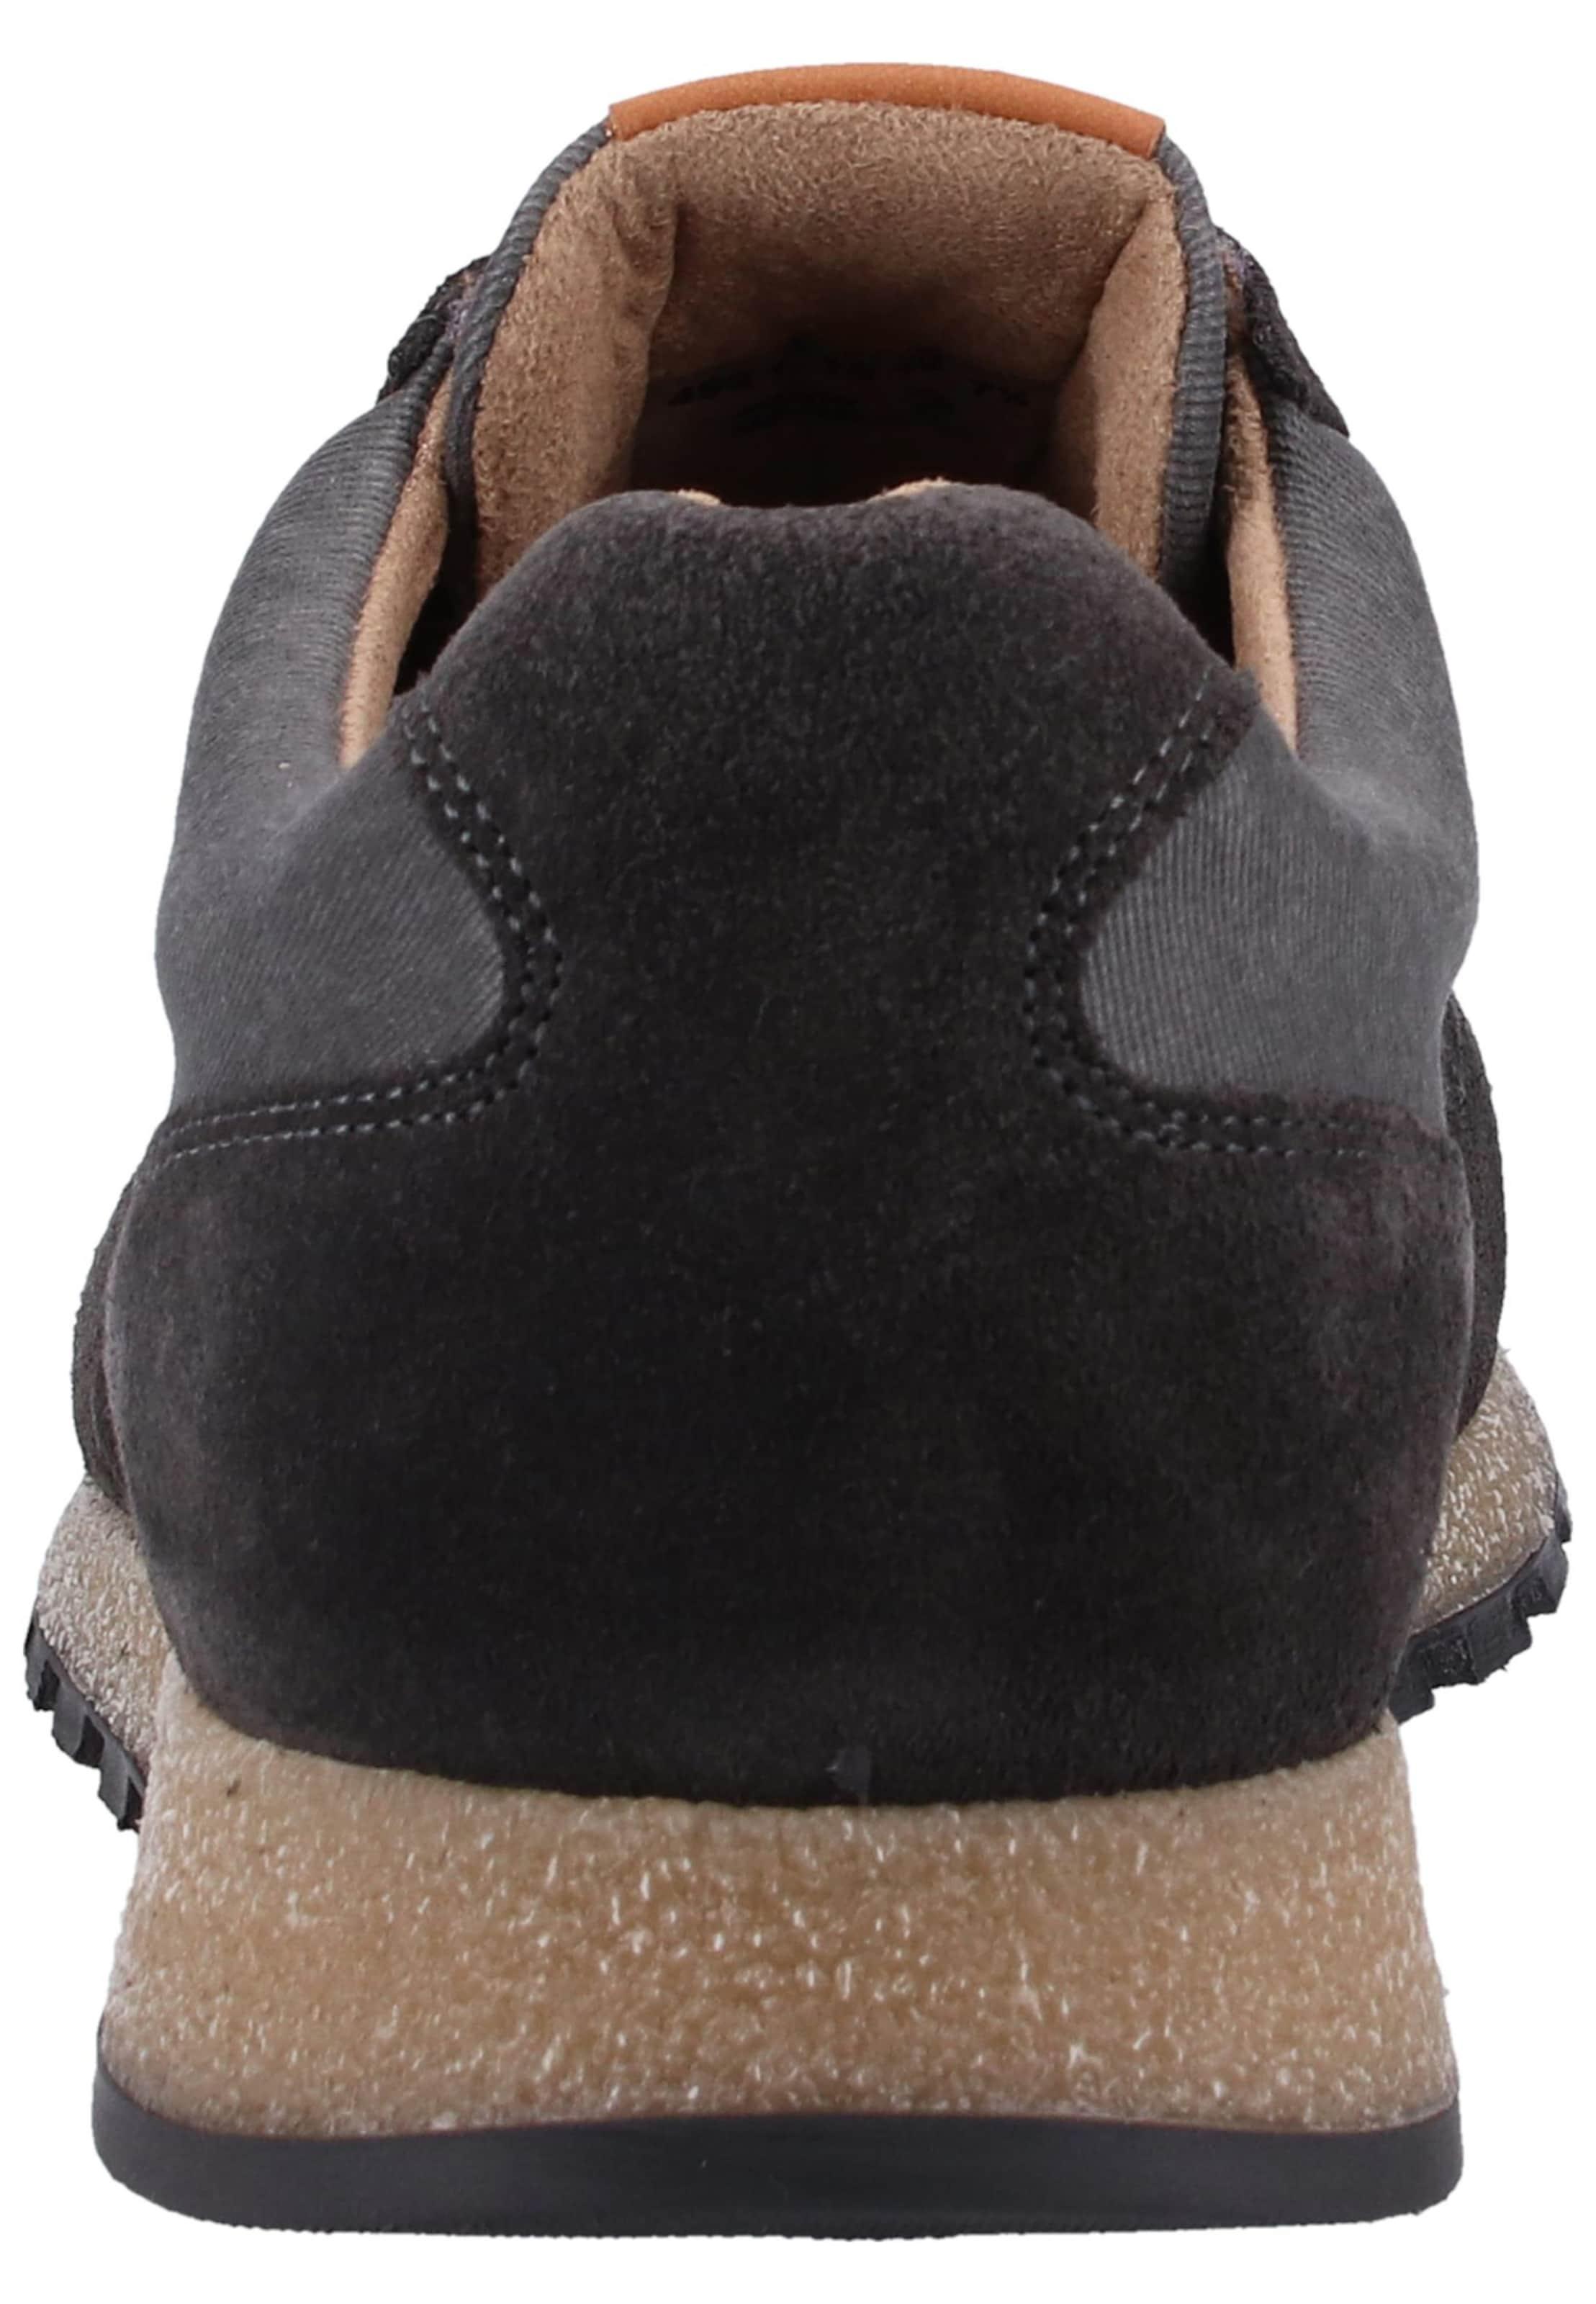 In Sneaker Camel GrauDunkelgrau Active Camel Active Sneaker In 8nNOPwk0X